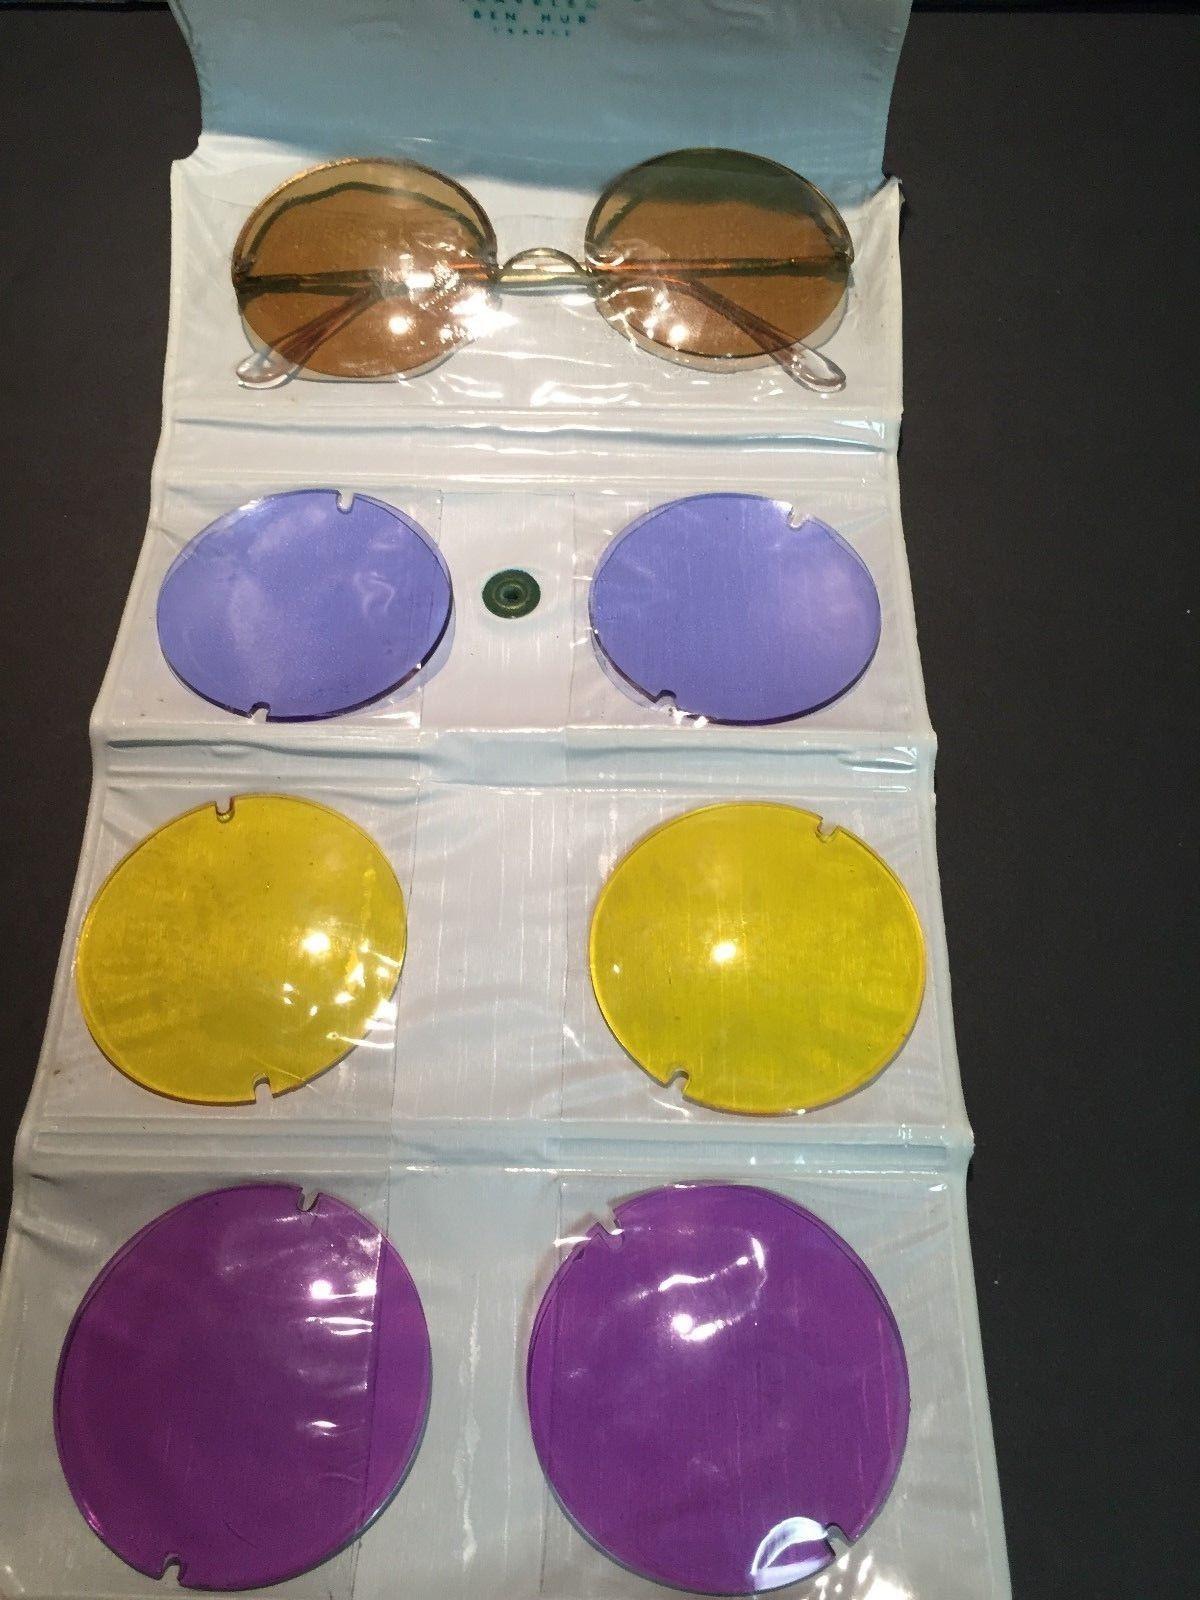 VTG Ben Hur Chameleon Big Round Sunglasses 4 Pairs of Interchangeable Lenses